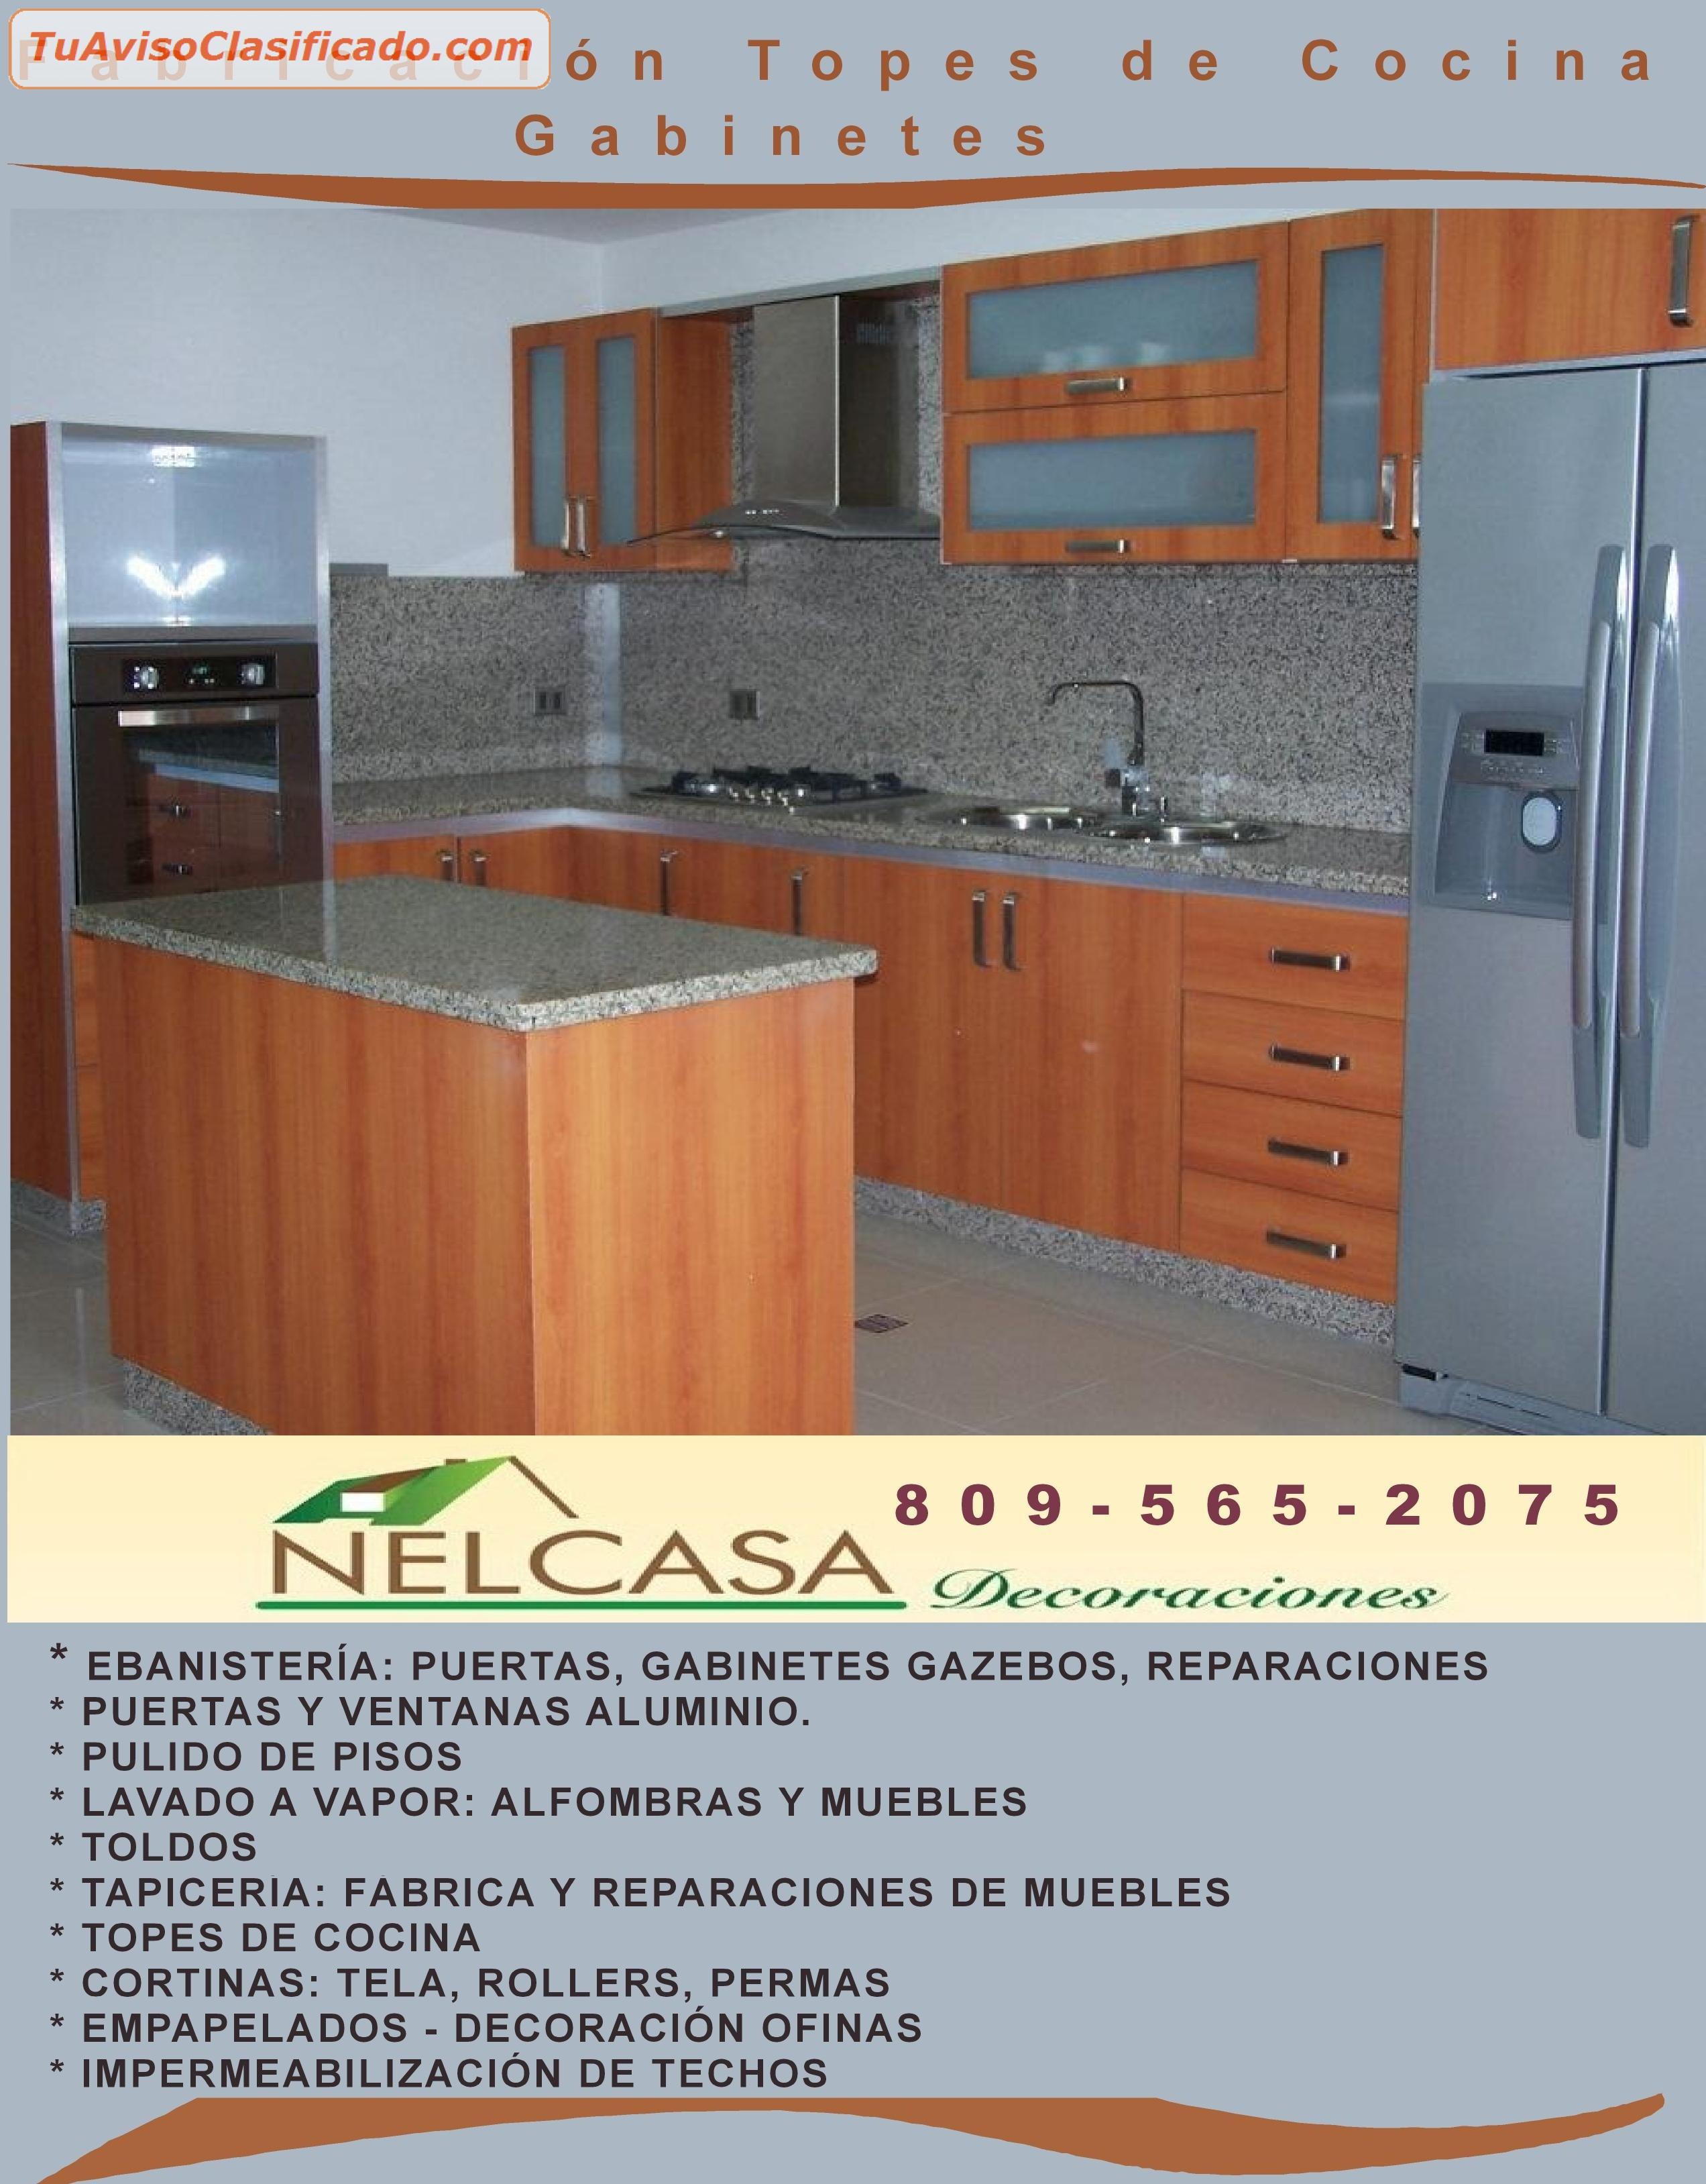 Muebles Madera Puerto Rico - Muebles De Ba O En Pvc Puerto Rico Dikidu Com[mjhdah]http://ni.tuavisoclasificado.com/avisos/7800/NI/428/hermosos-muebles-de-madera-rusticos-2.JPG